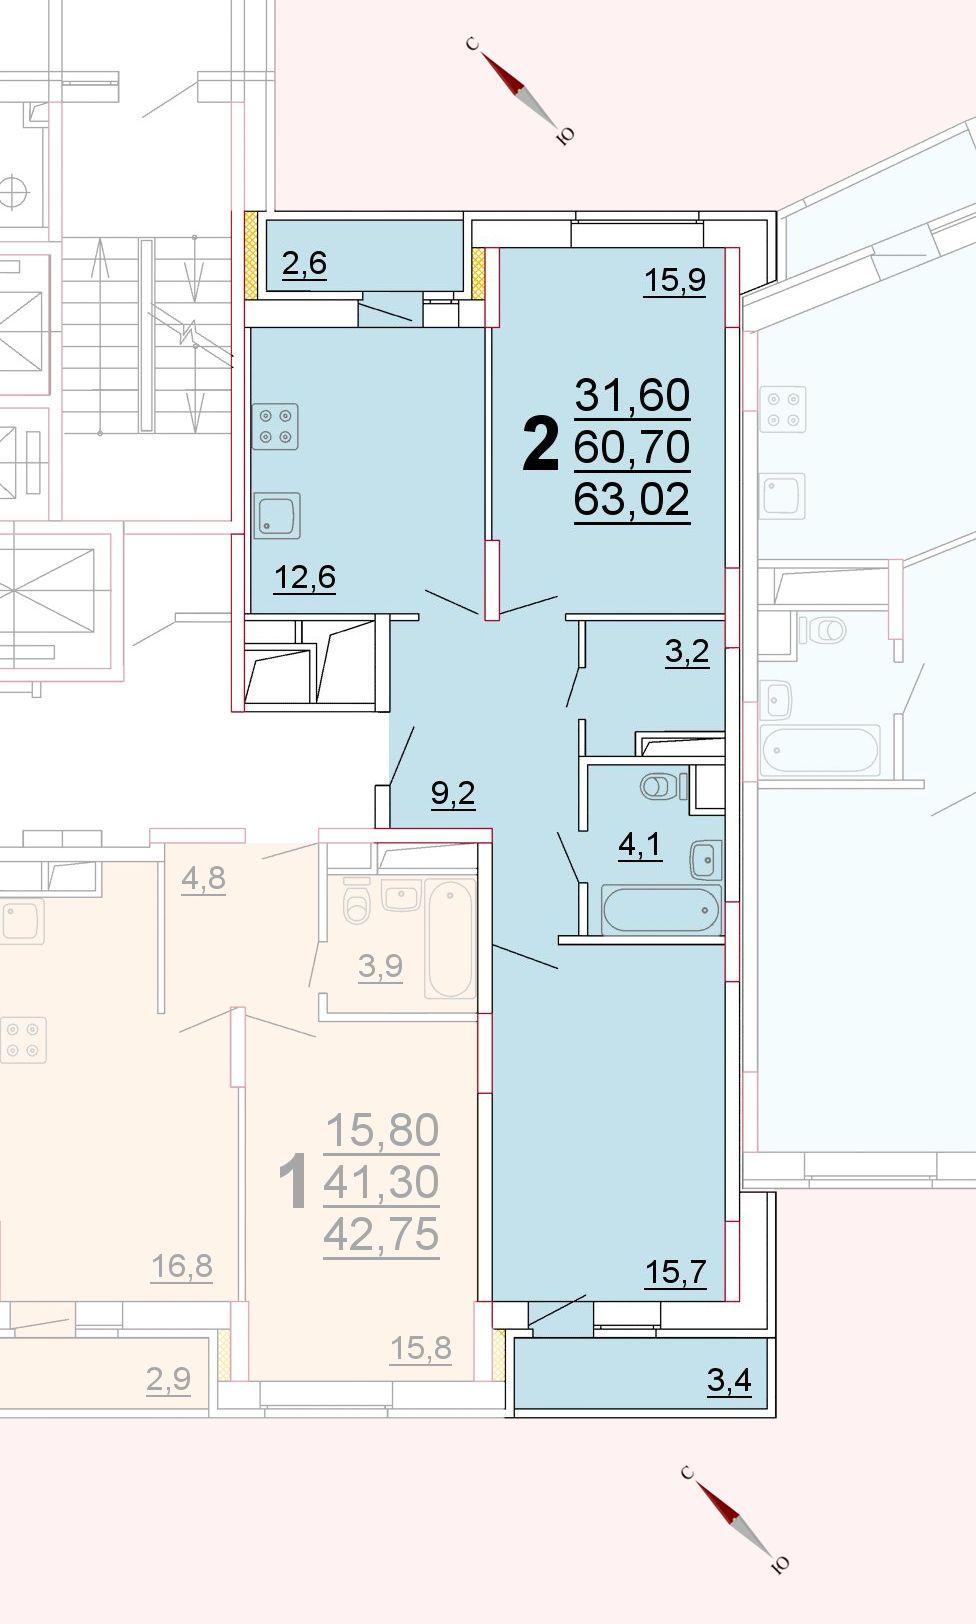 Микрорайон «Центральный», корпус 52г, секция 2, квартира 63,02 м2